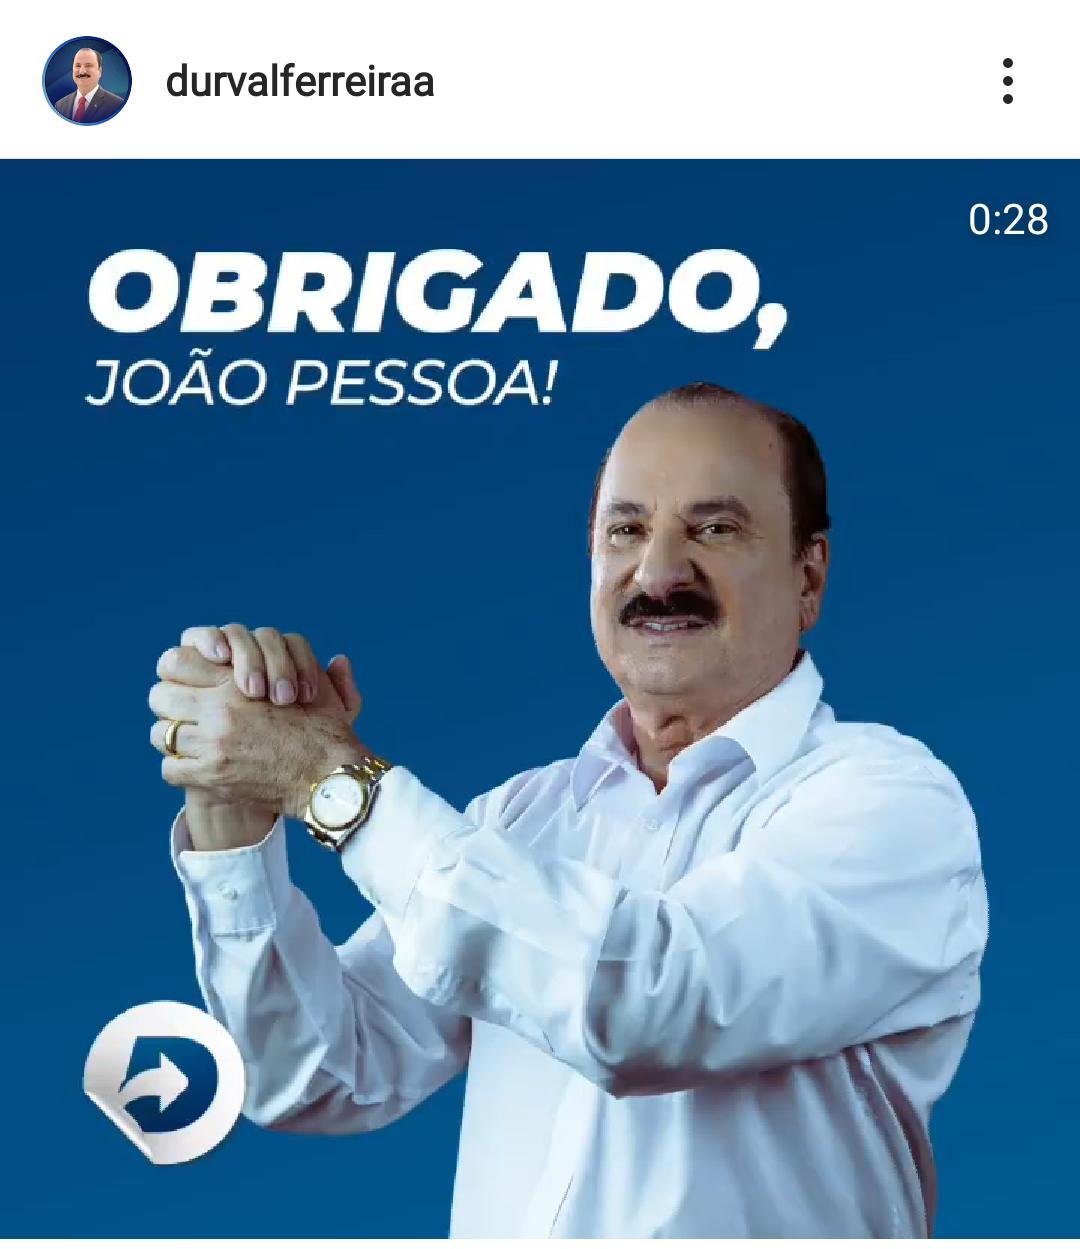 """WhatsApp Image 2020 11 16 at 10.00.41 - Durval Ferreira, reeleito vereador em João Pessoa agradece os votos recebidos: """"Deus sempre nos guiou nessa luta"""""""